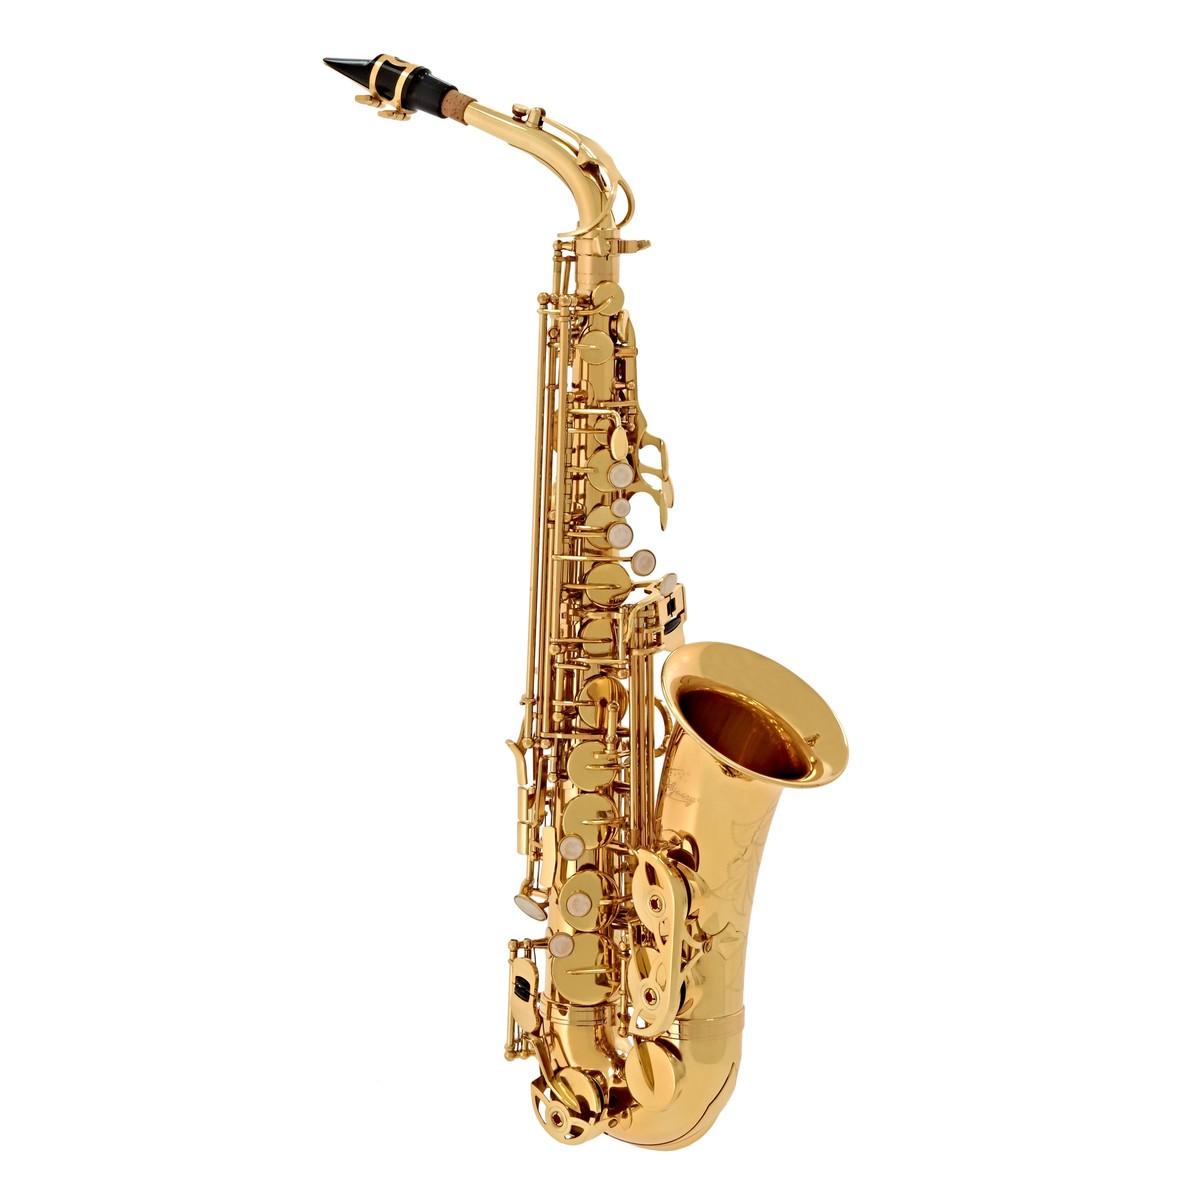 Odyssey OAS130 Debut alto sax outift w' case